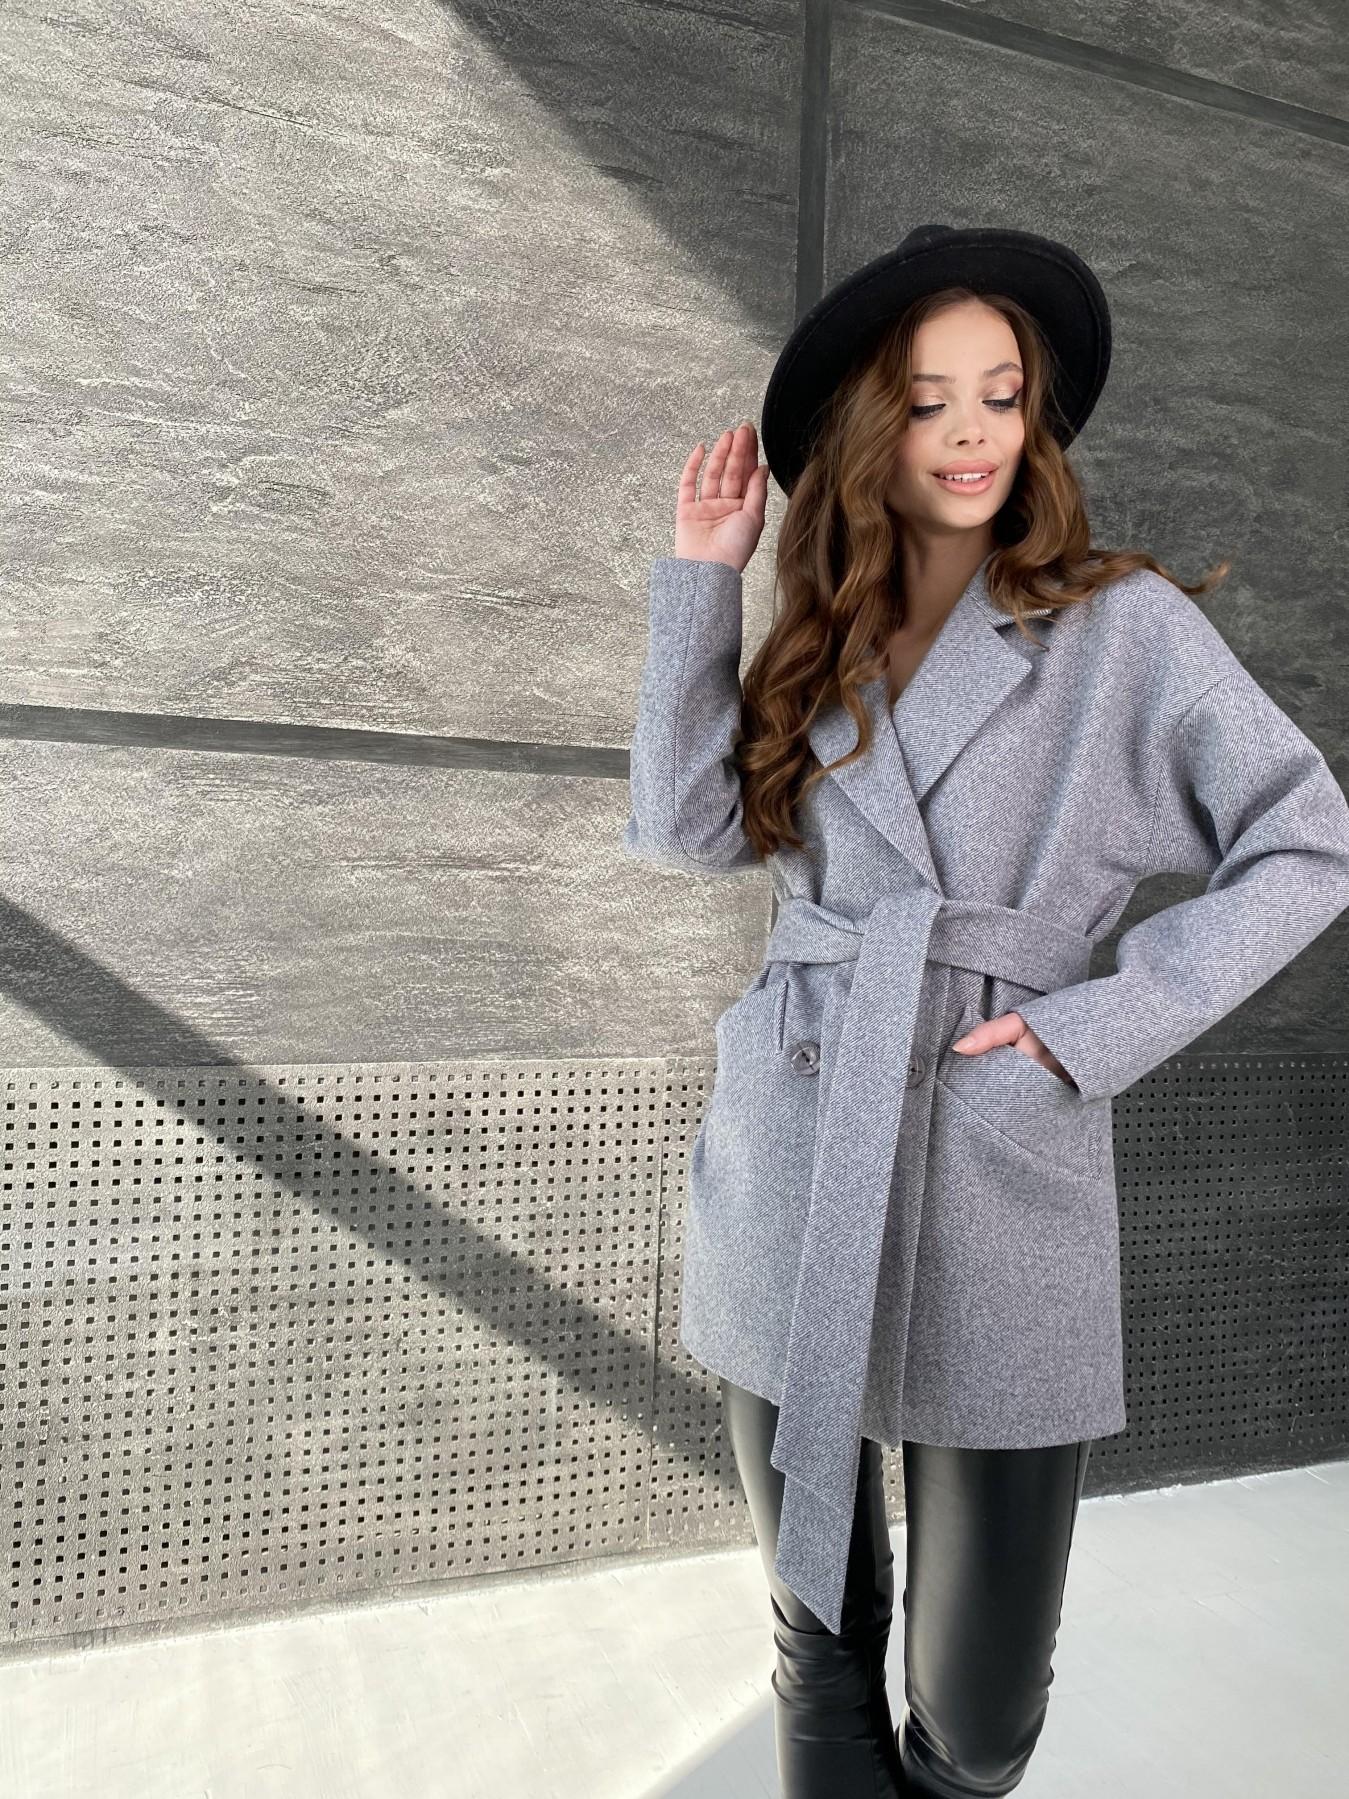 Бонд Диагональ пальто из пальтовой ткани  10757 АРТ. 47191 Цвет: Серый меланж 4 - фото 7, интернет магазин tm-modus.ru